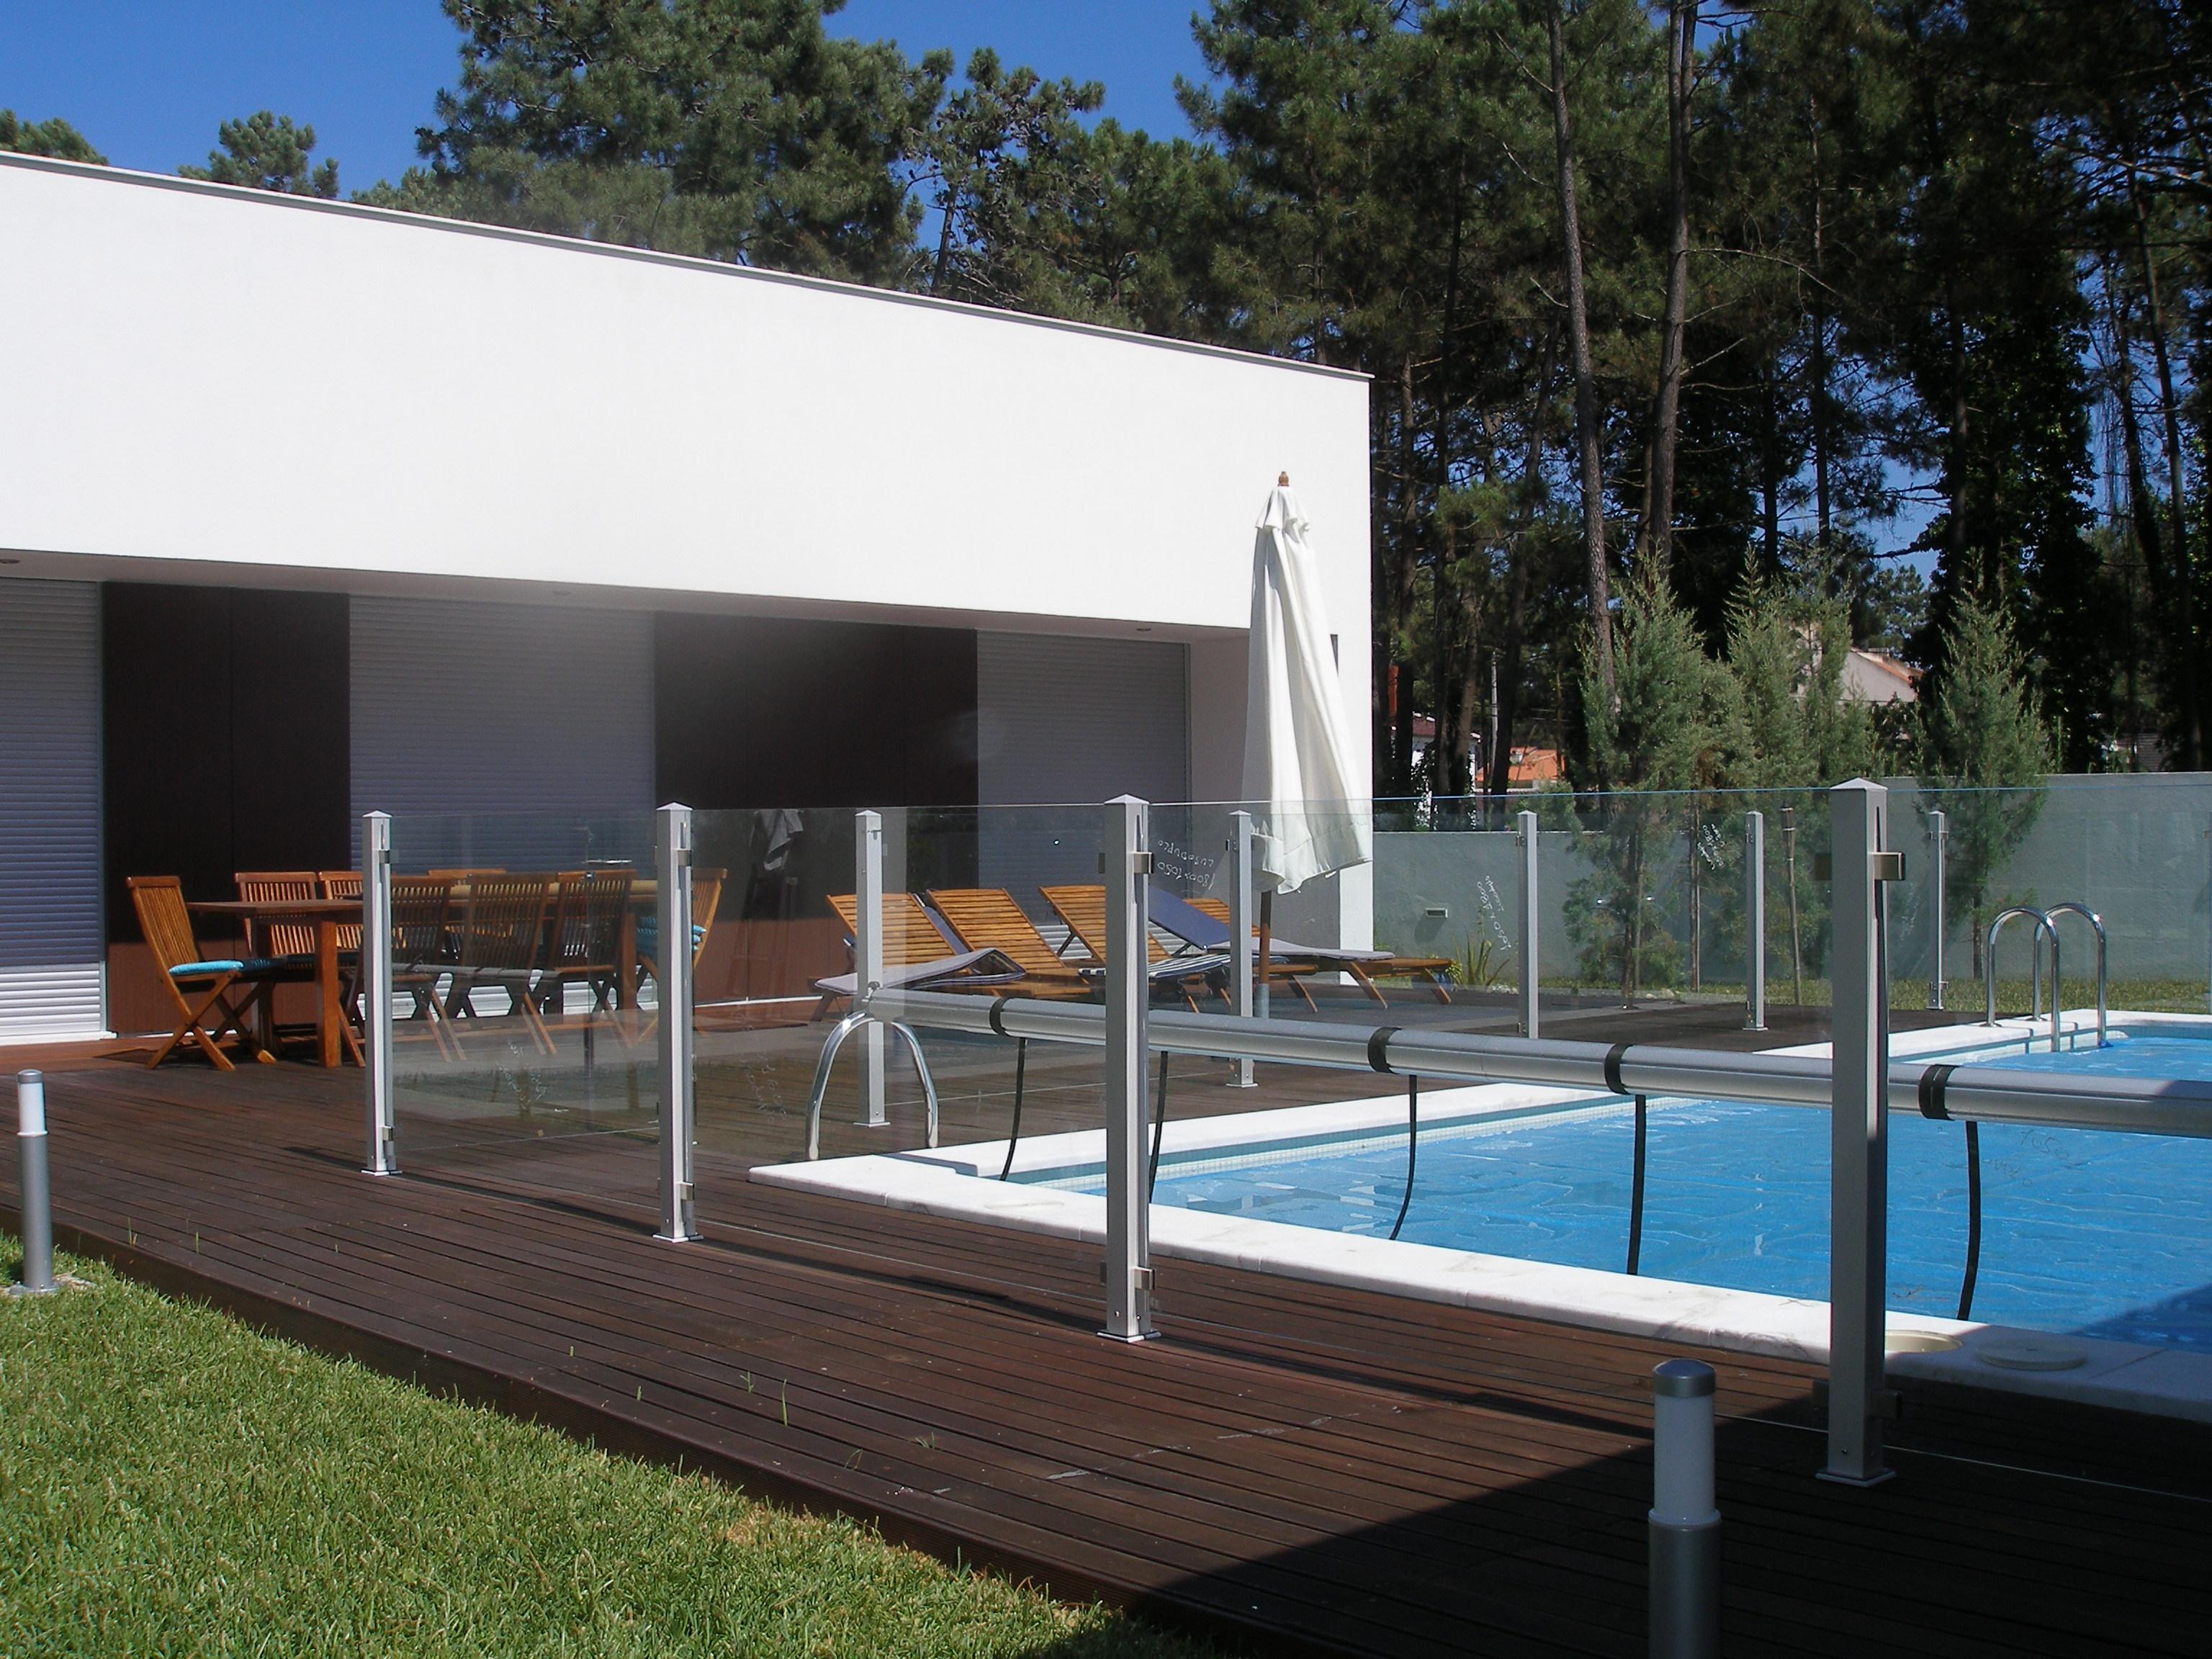 Vallas para piscinas de policarbonato o cristal pida - Cristal policarbonato ...